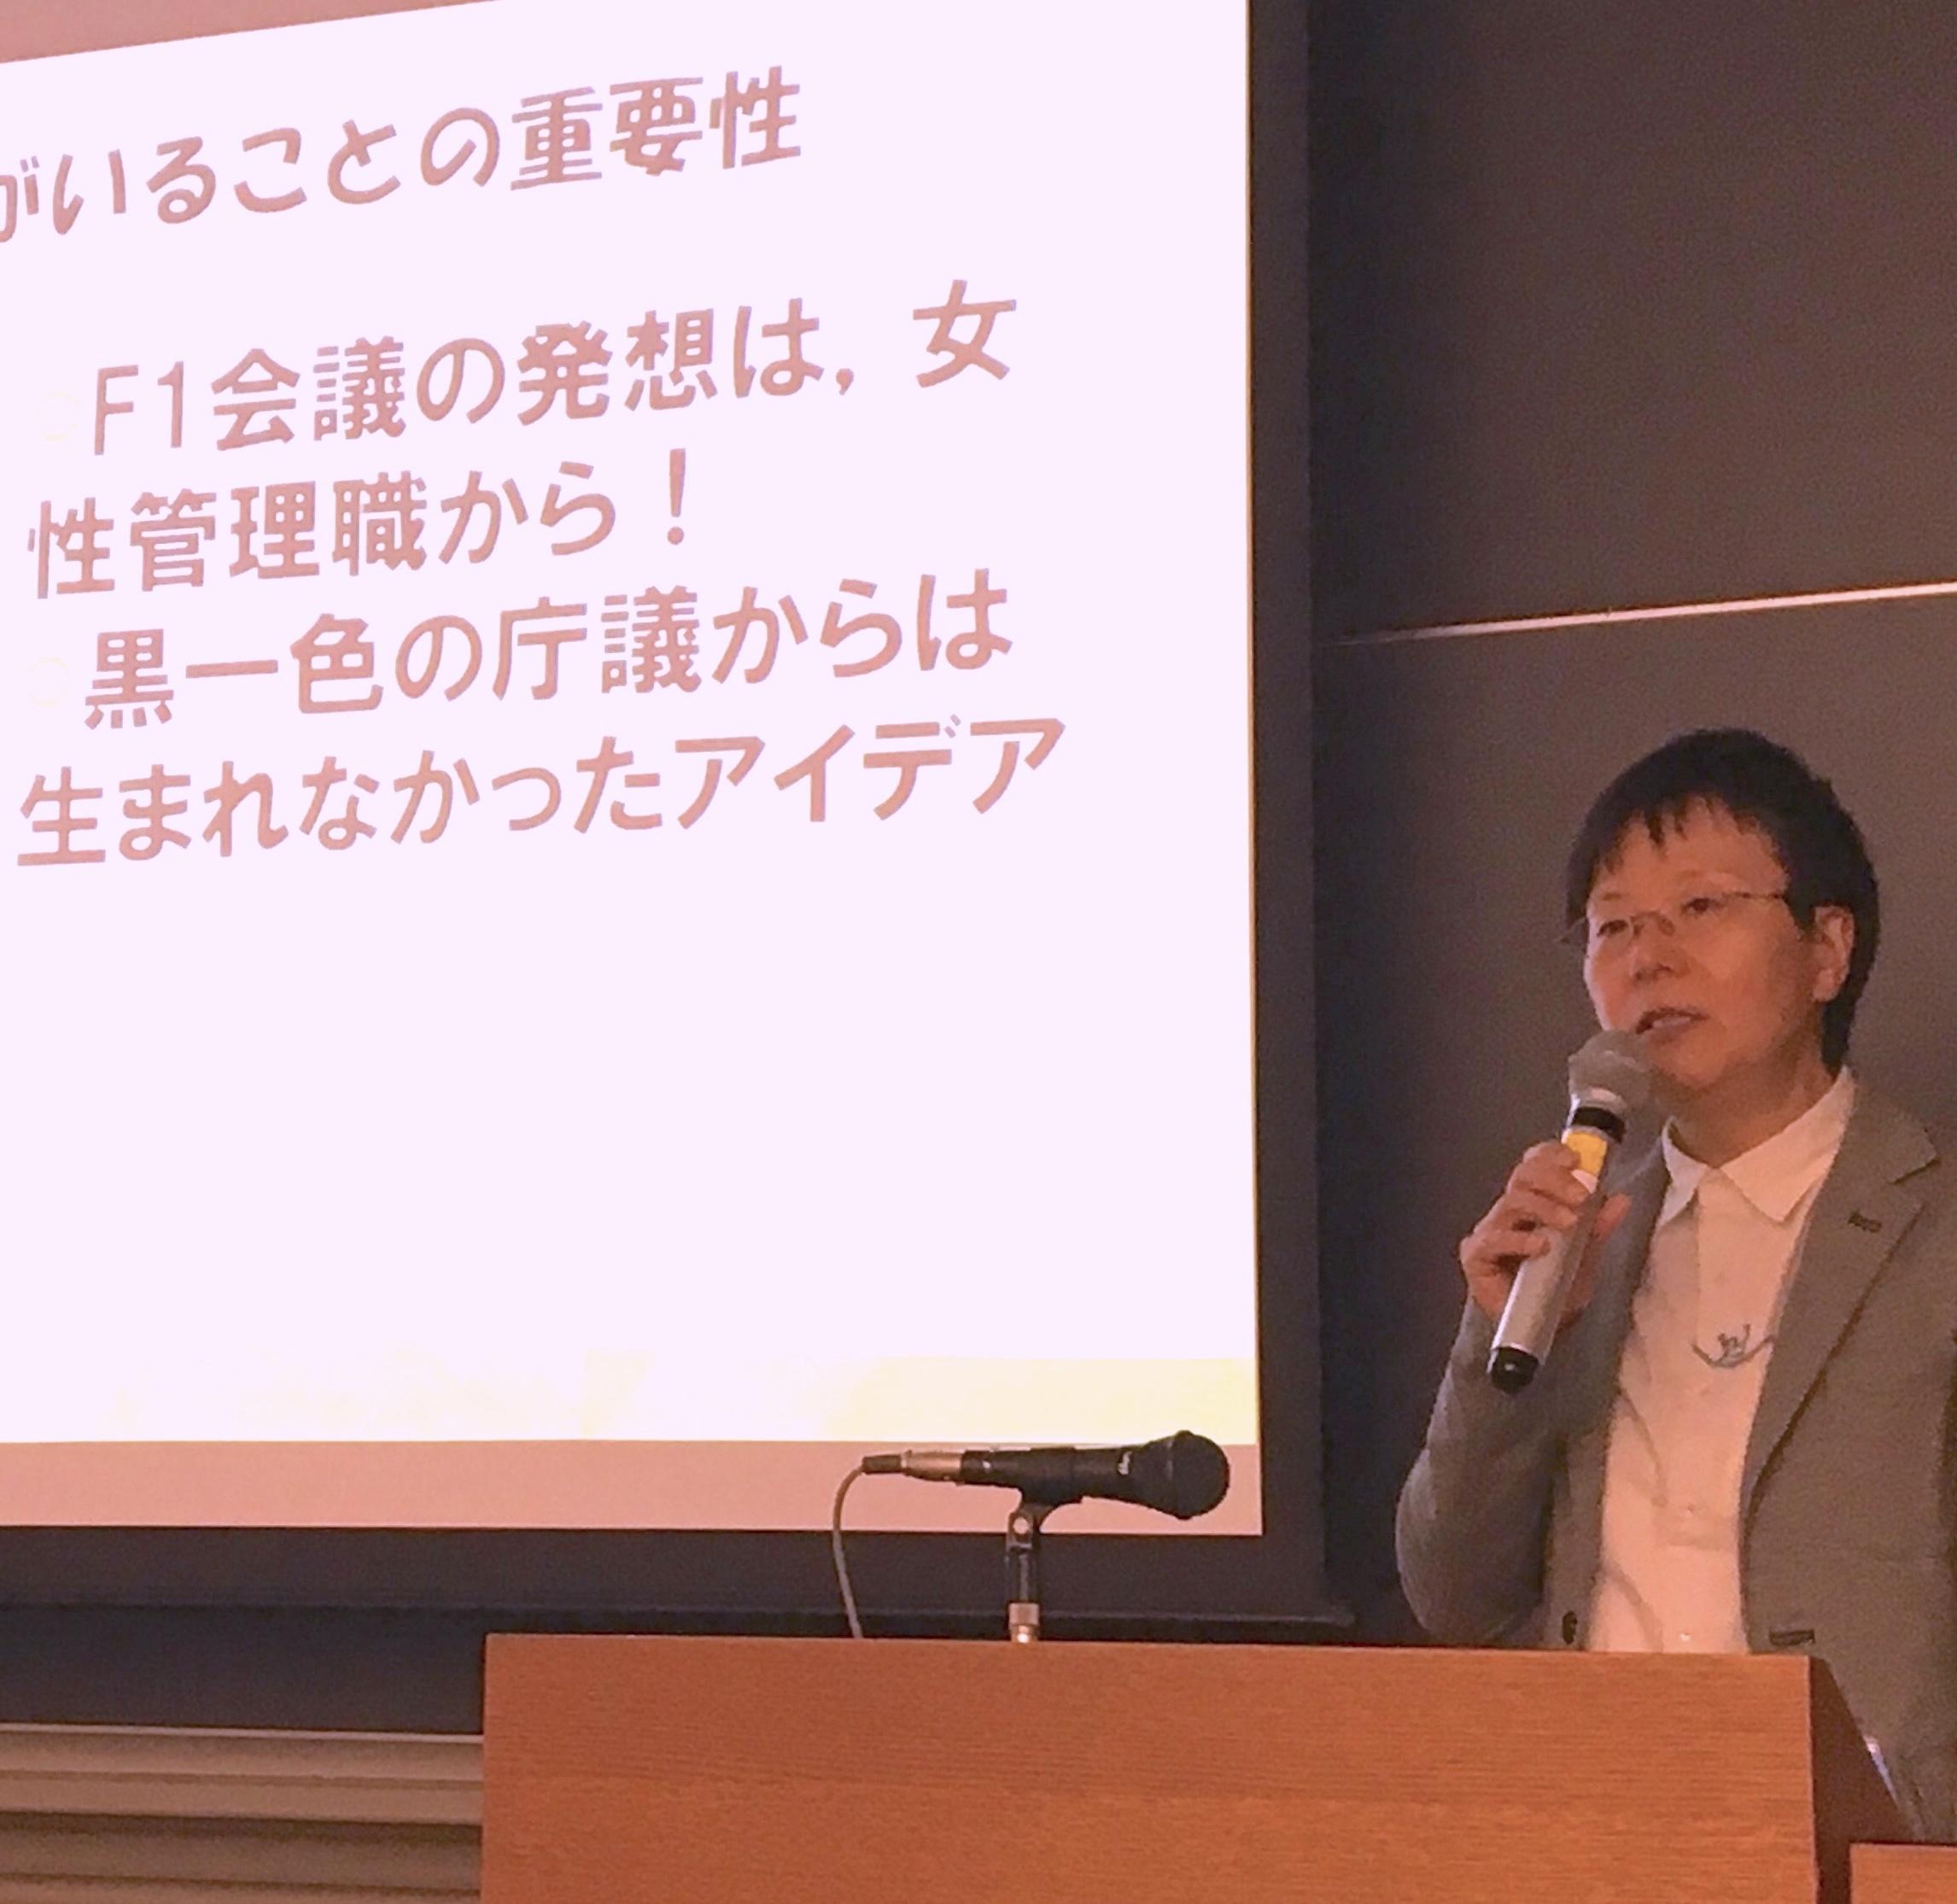 萩原なつこ先生の「としまF1会議」とジェンダー講義が素晴らしかった!